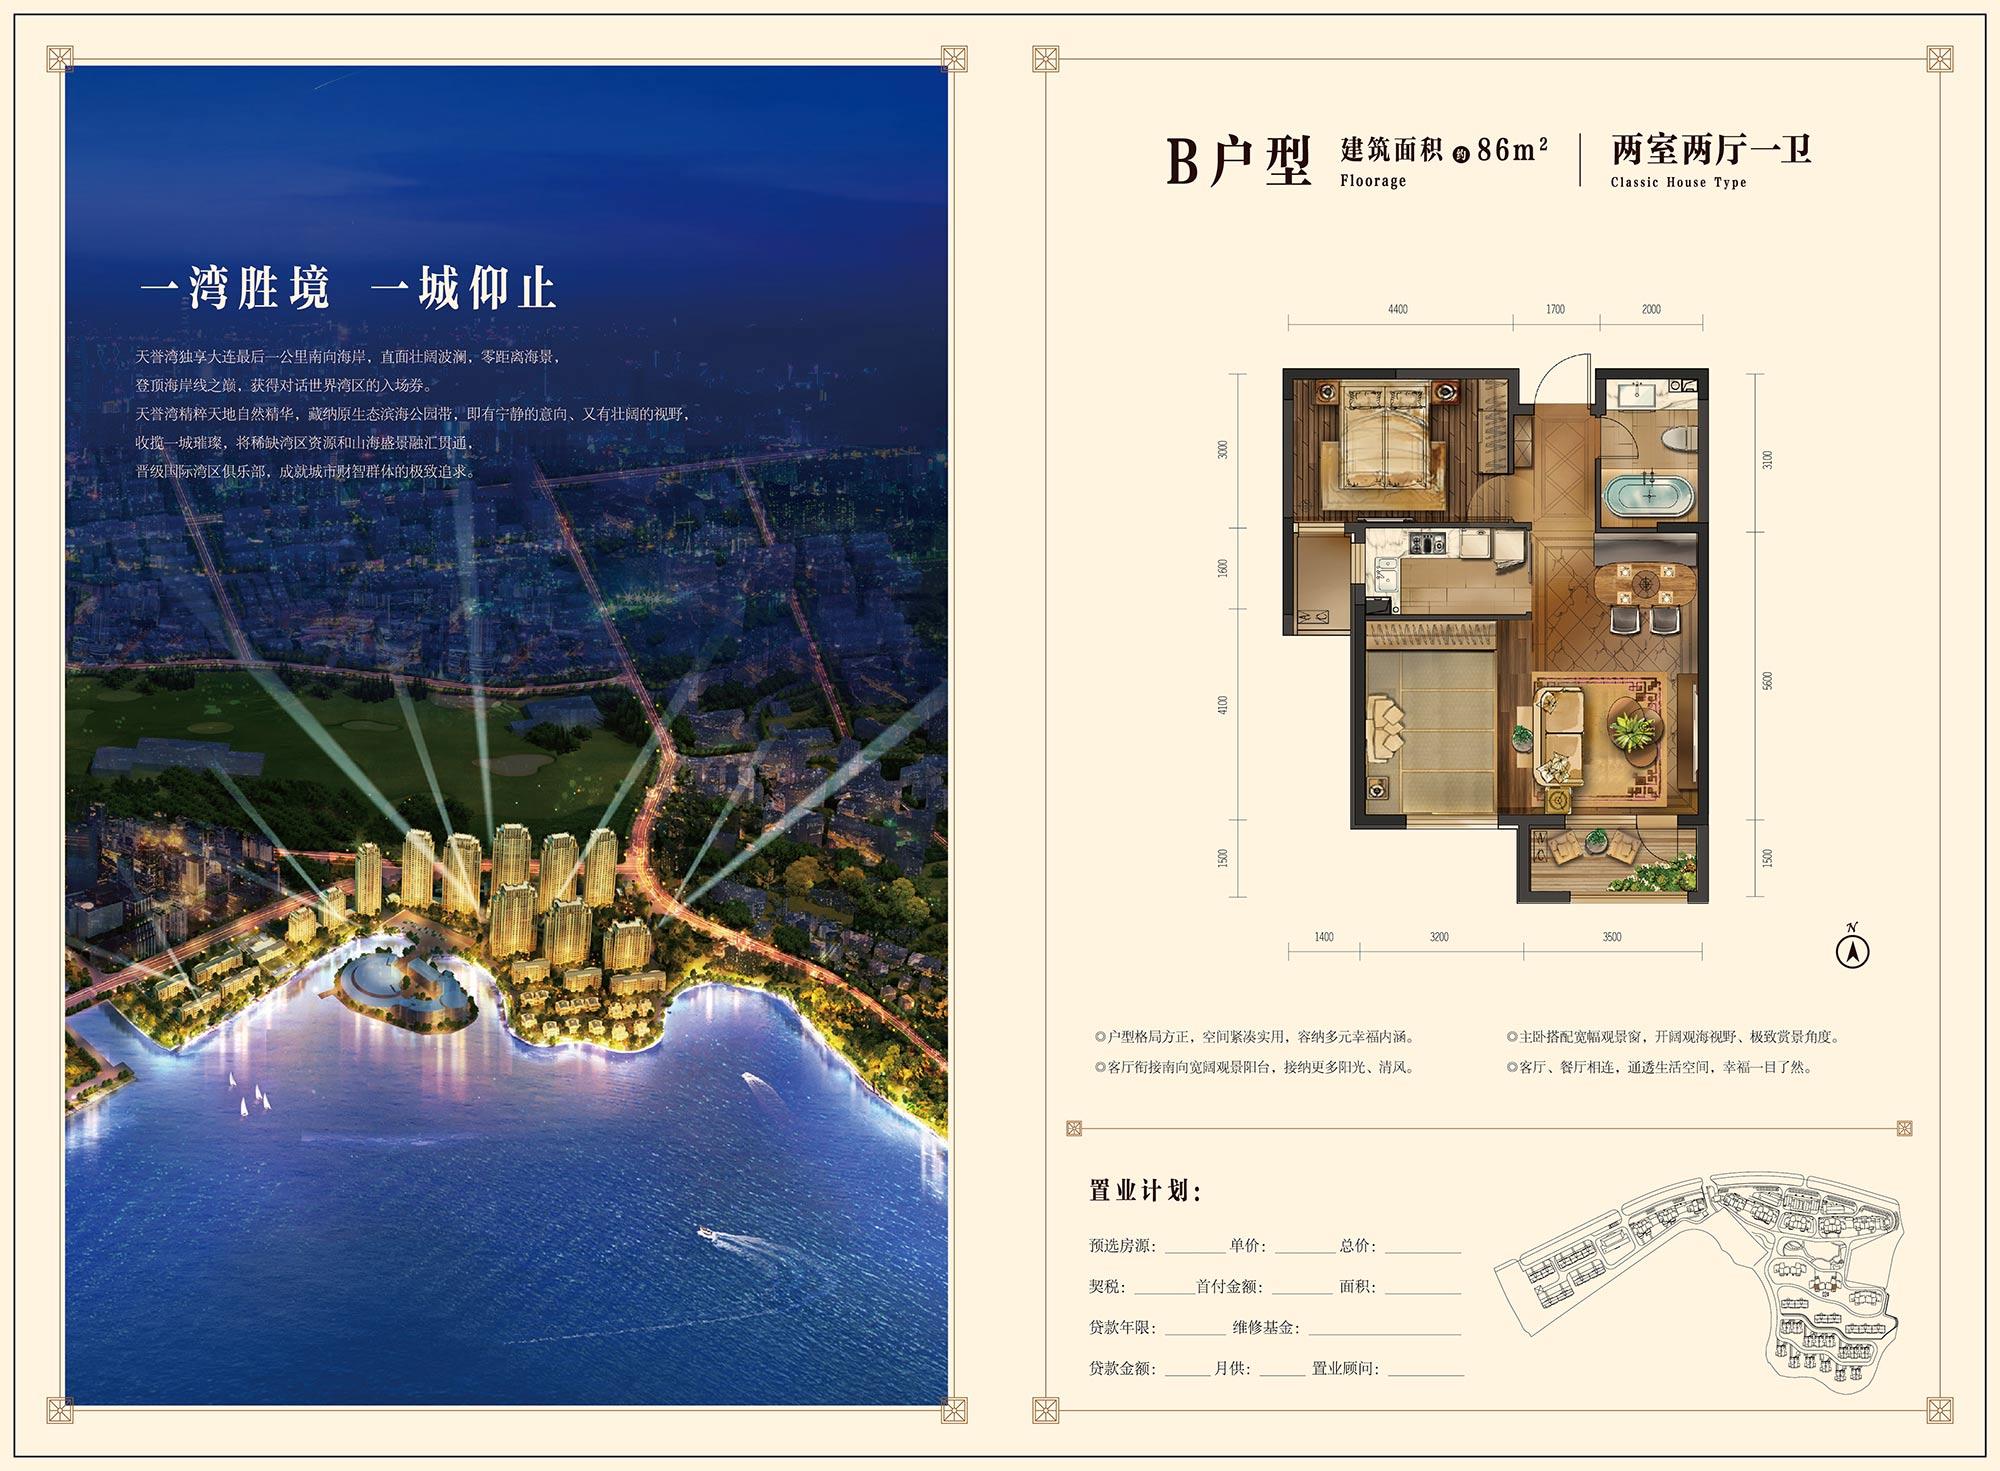 天誉湾预计2018年6月末正式开盘